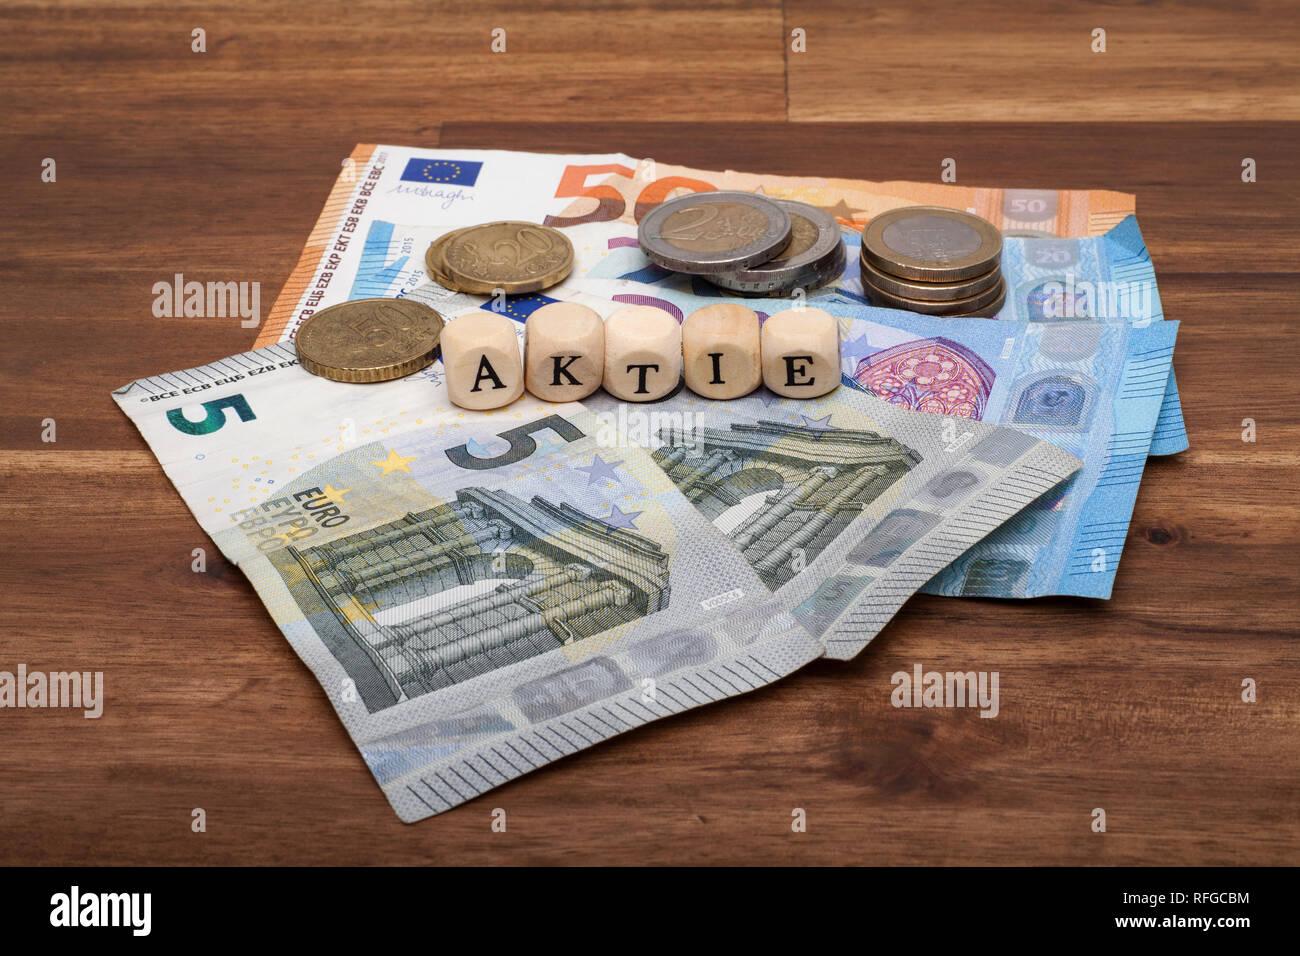 Die Euro Geldscheine und Münzen liegen auf dem Tisch mit dem Wort Aktie - Stock Image